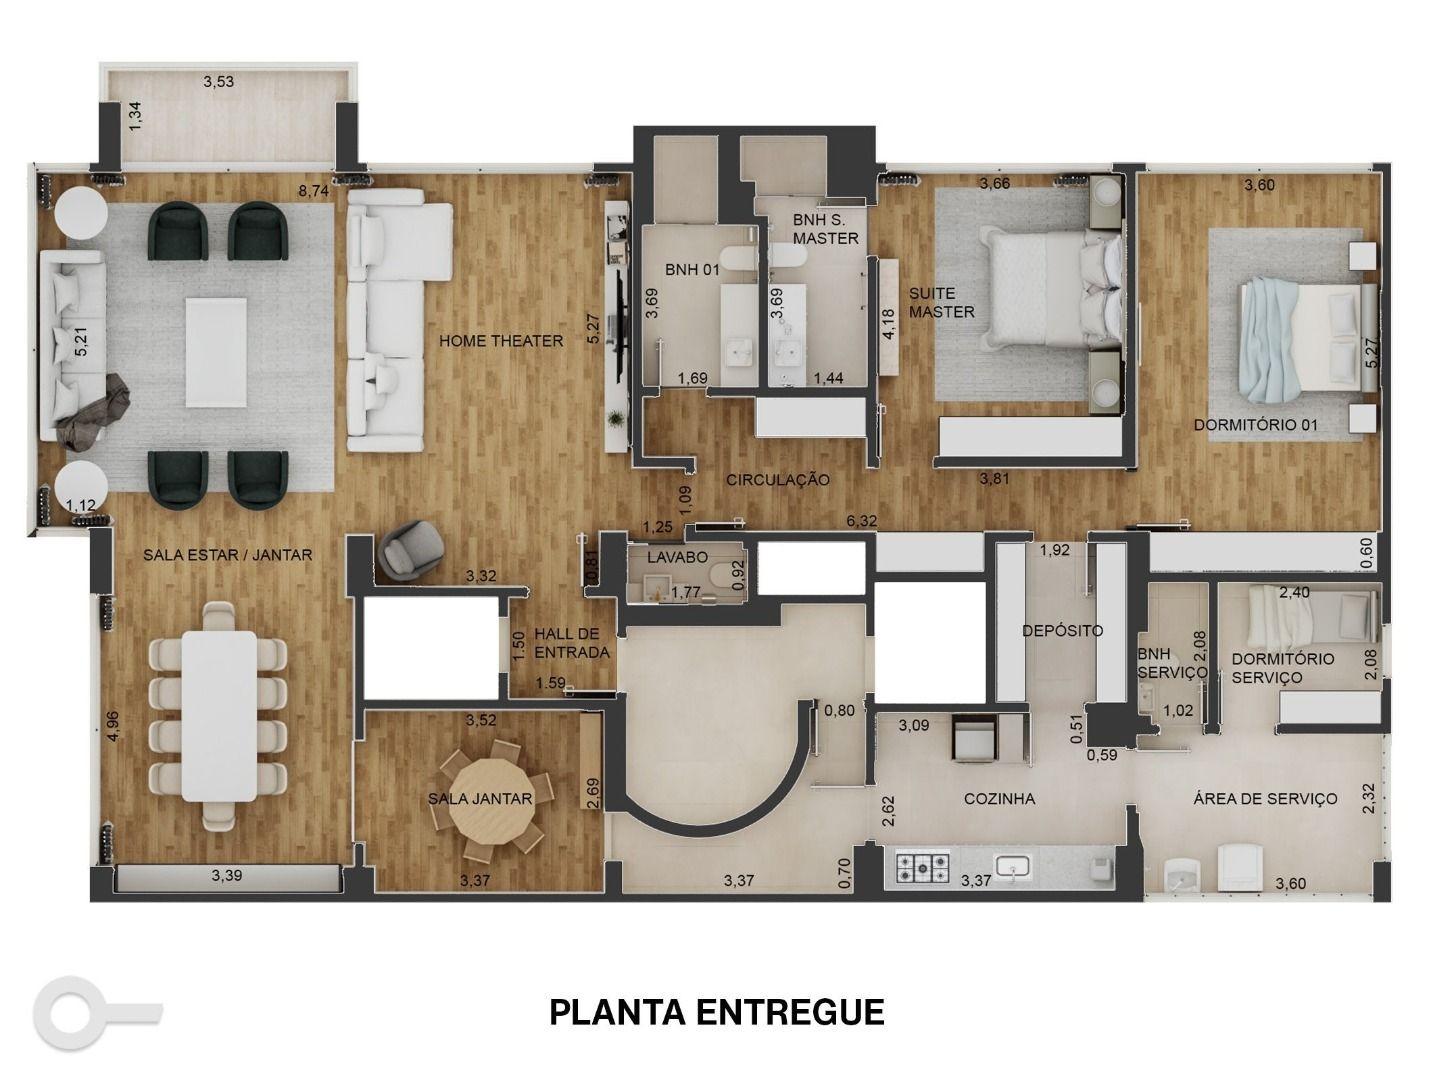 210 M² - 2 DORMITÓRIOS, SENDO 1 SUÍTE. (Apartamento 91, 9º andar).